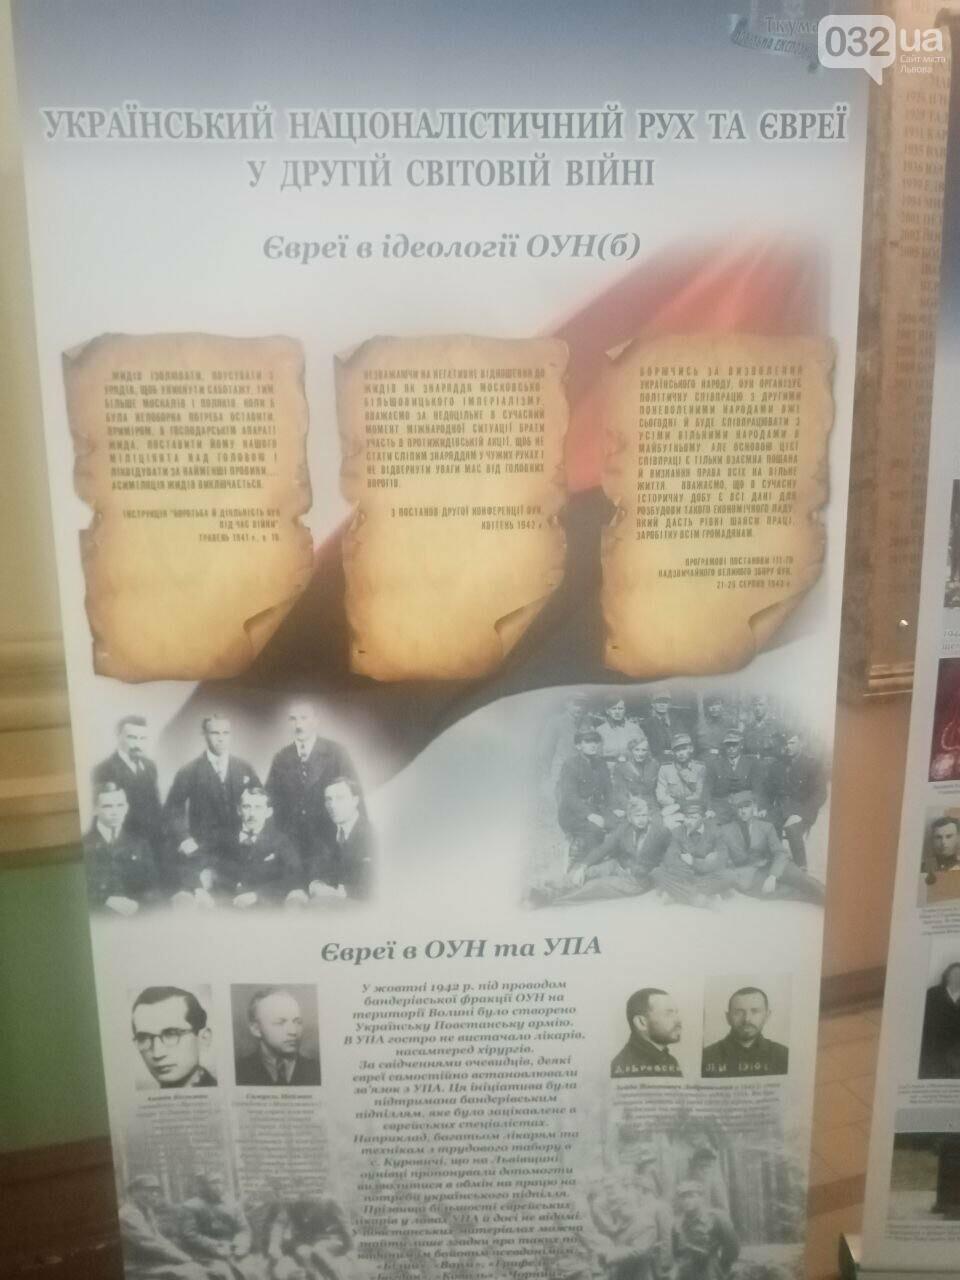 У Львові відкрили виставку, присвячену українцям-рятівникам євреїв під час Голокосту, - ФОТО, фото-10